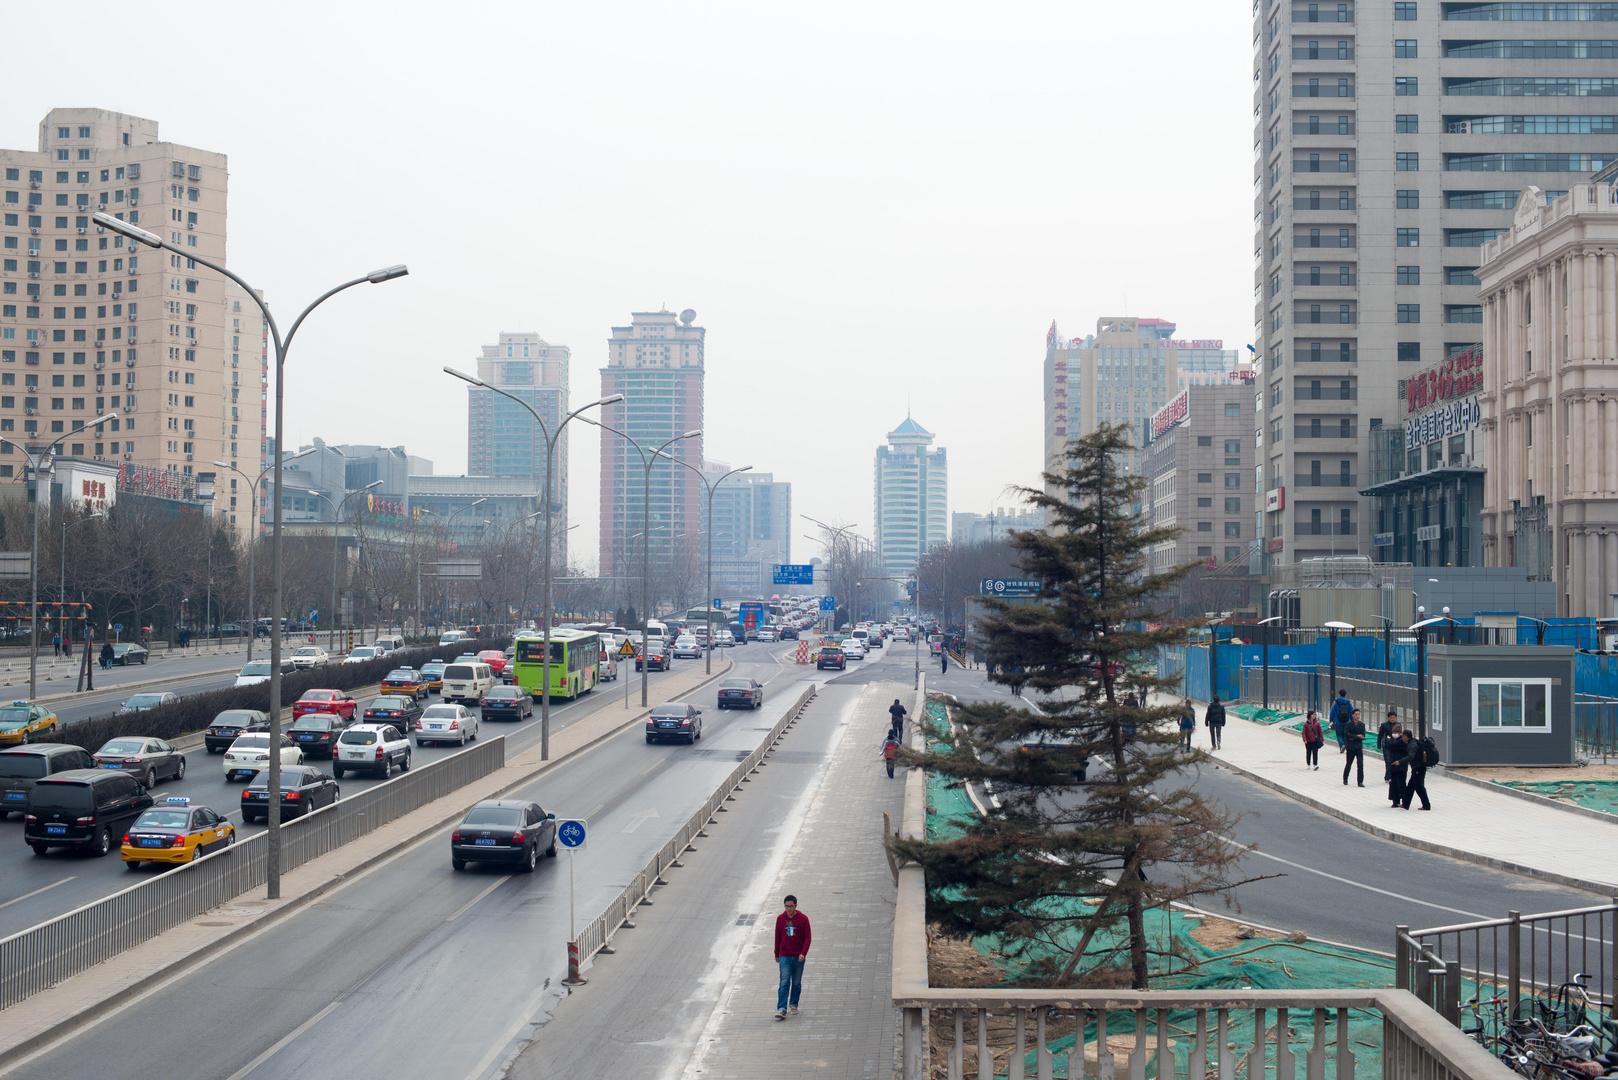 Architektur, Verkehr